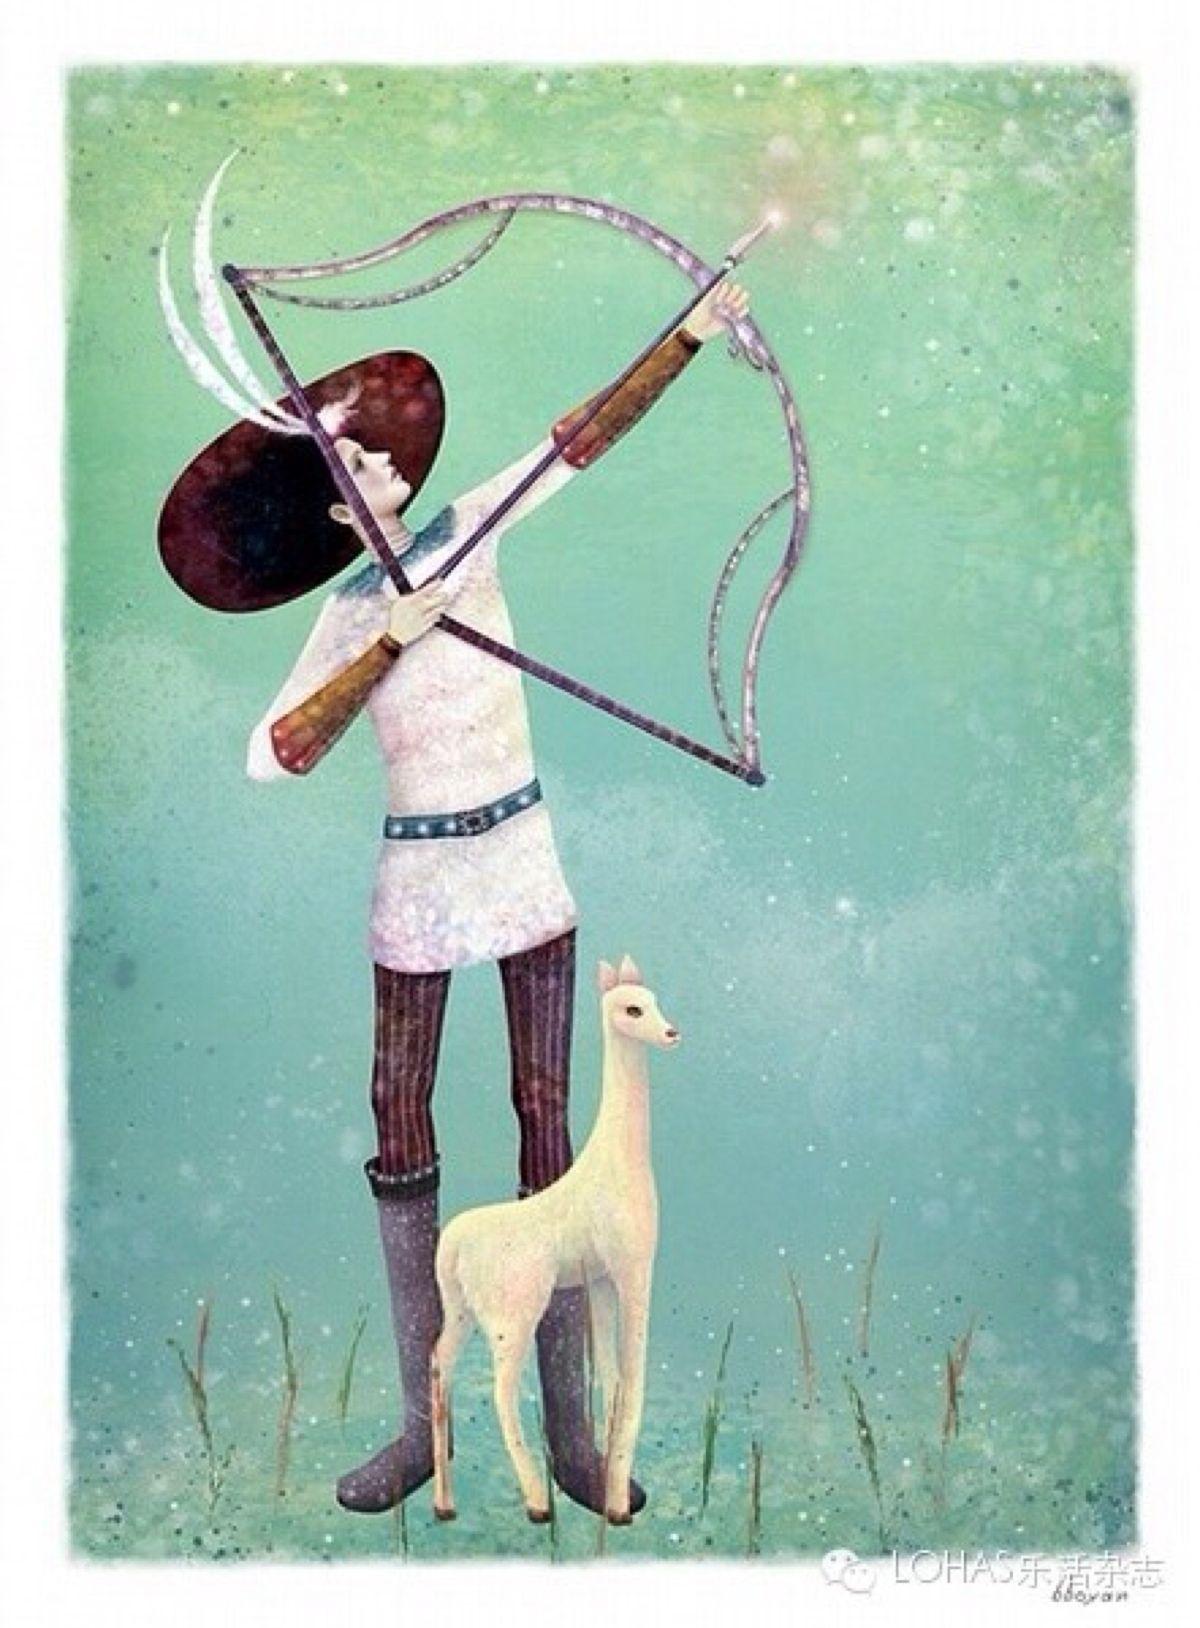 #Sagittarius  #Zodiac #Astrology #Horoscope #Art #MadamAstrology http://madamastrology.com